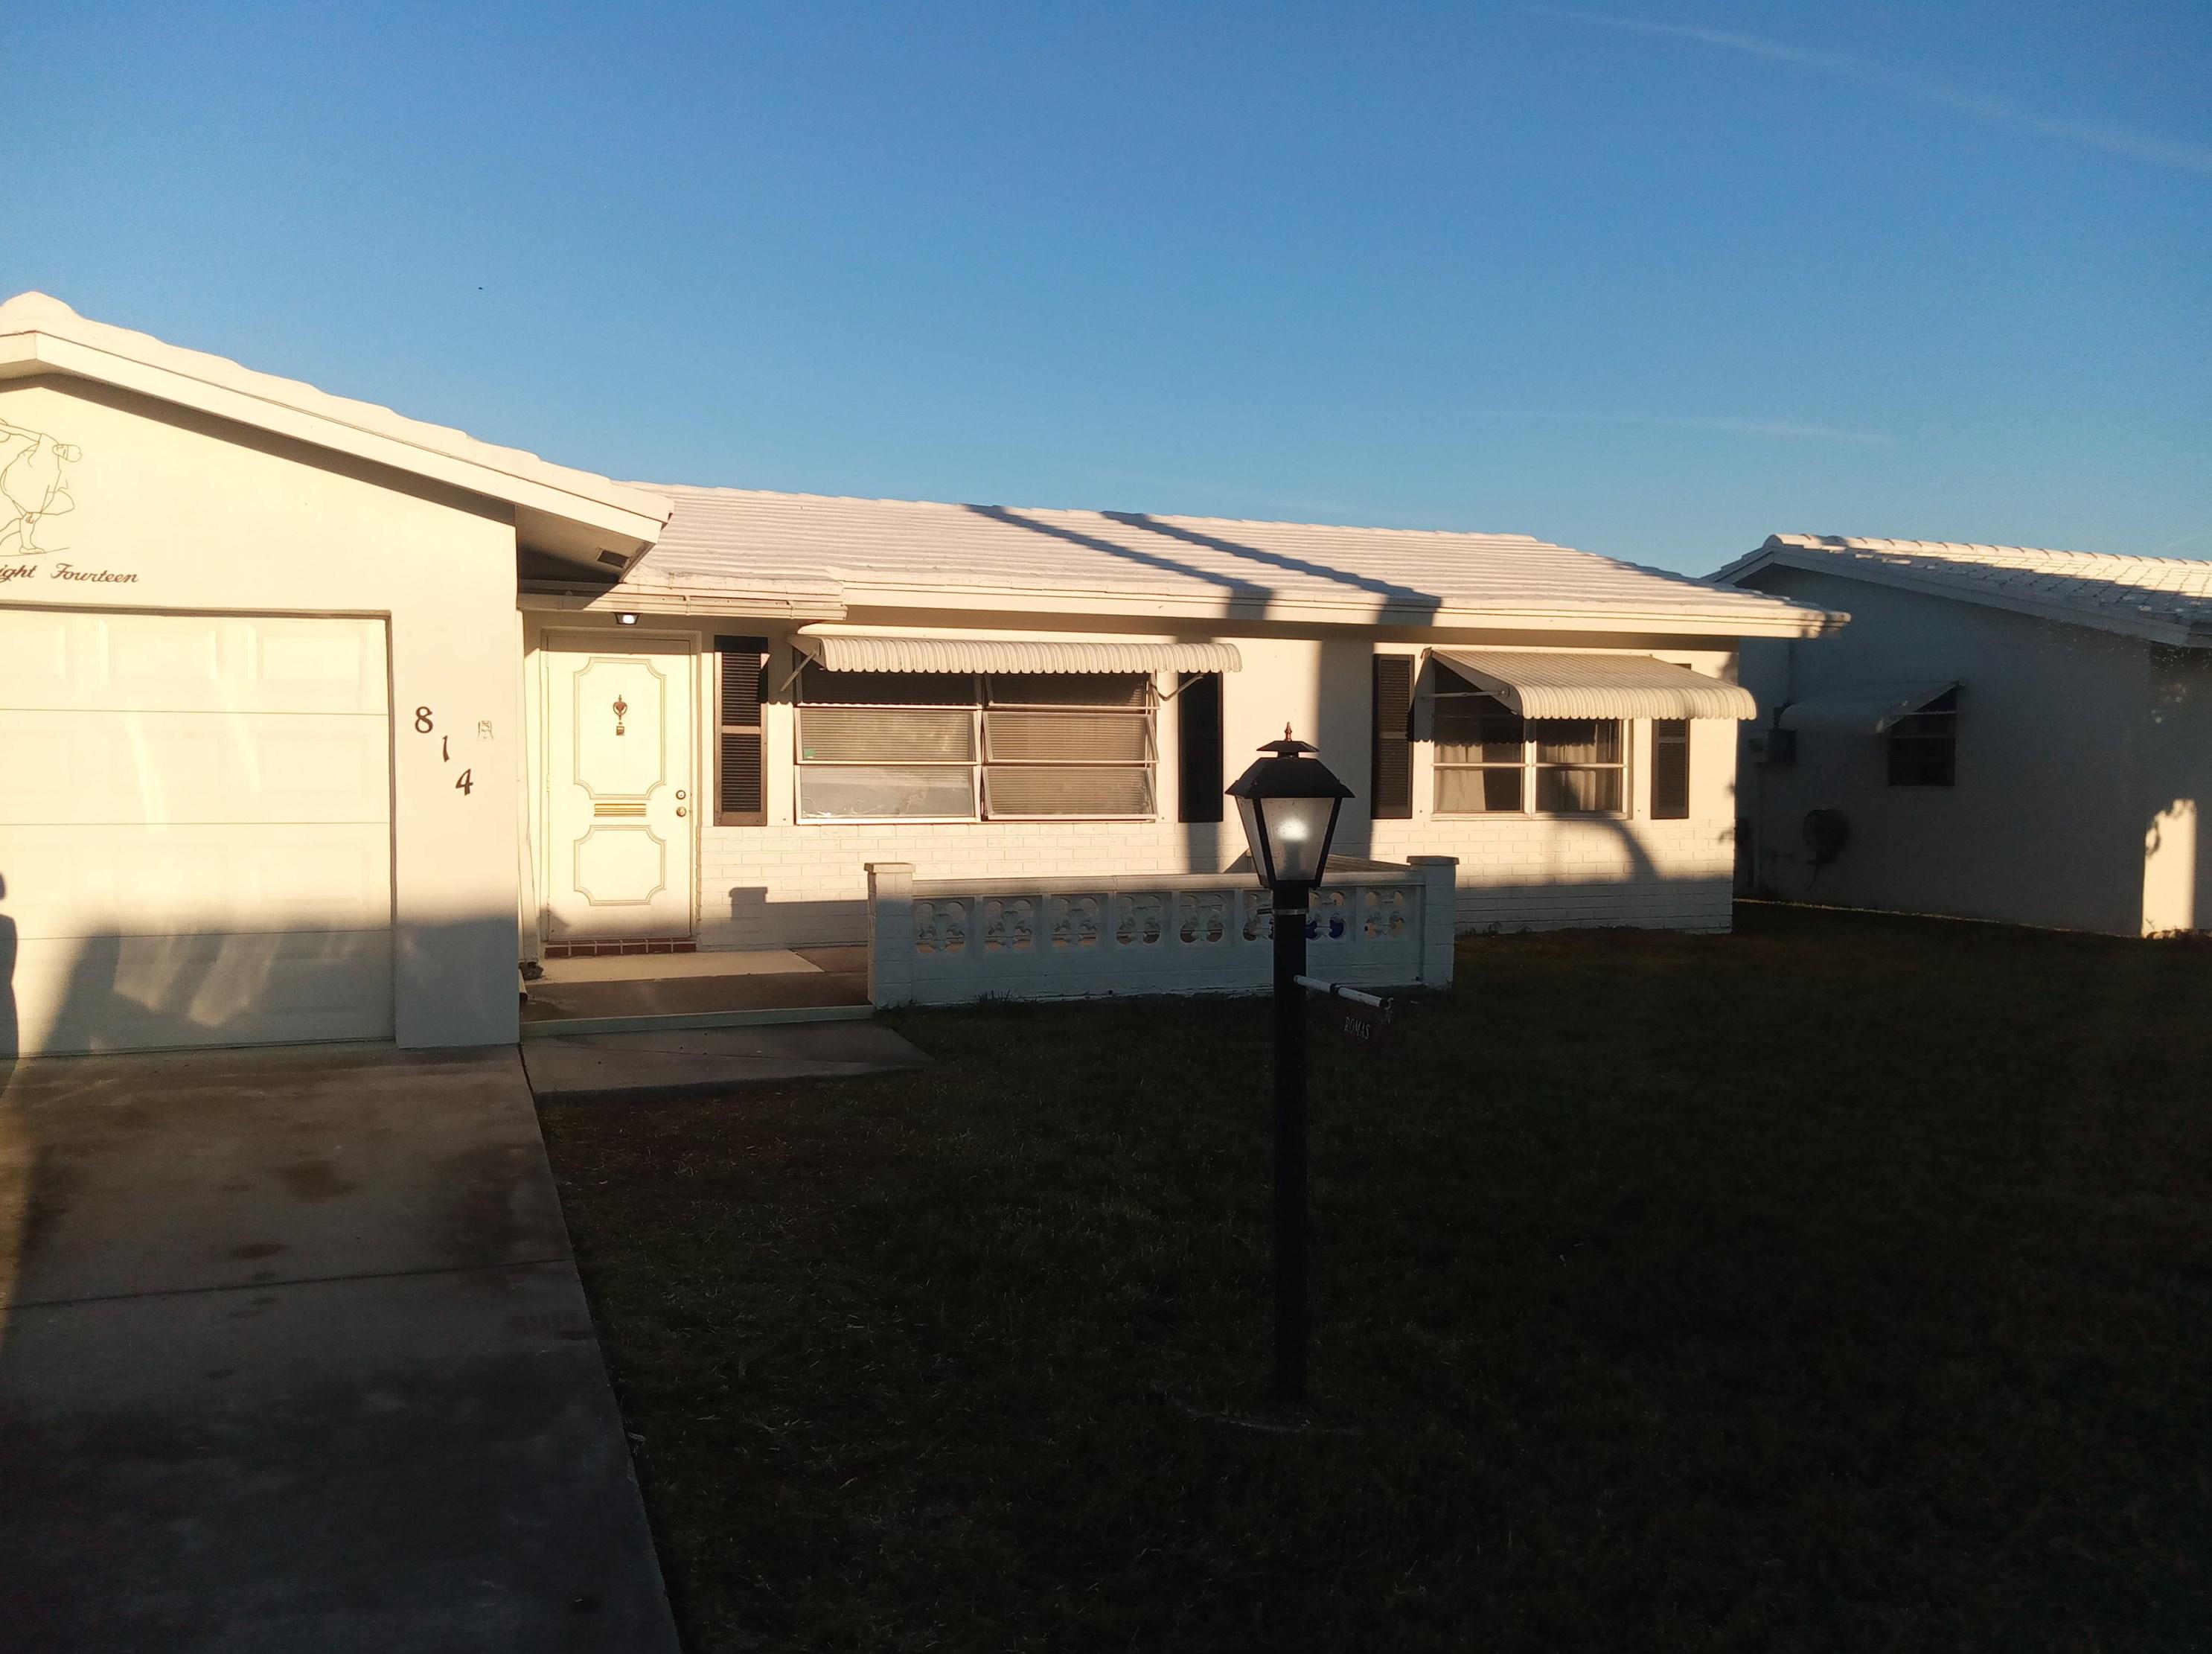 814 Sw 18th Ct, Boynton Beach, FL 33426